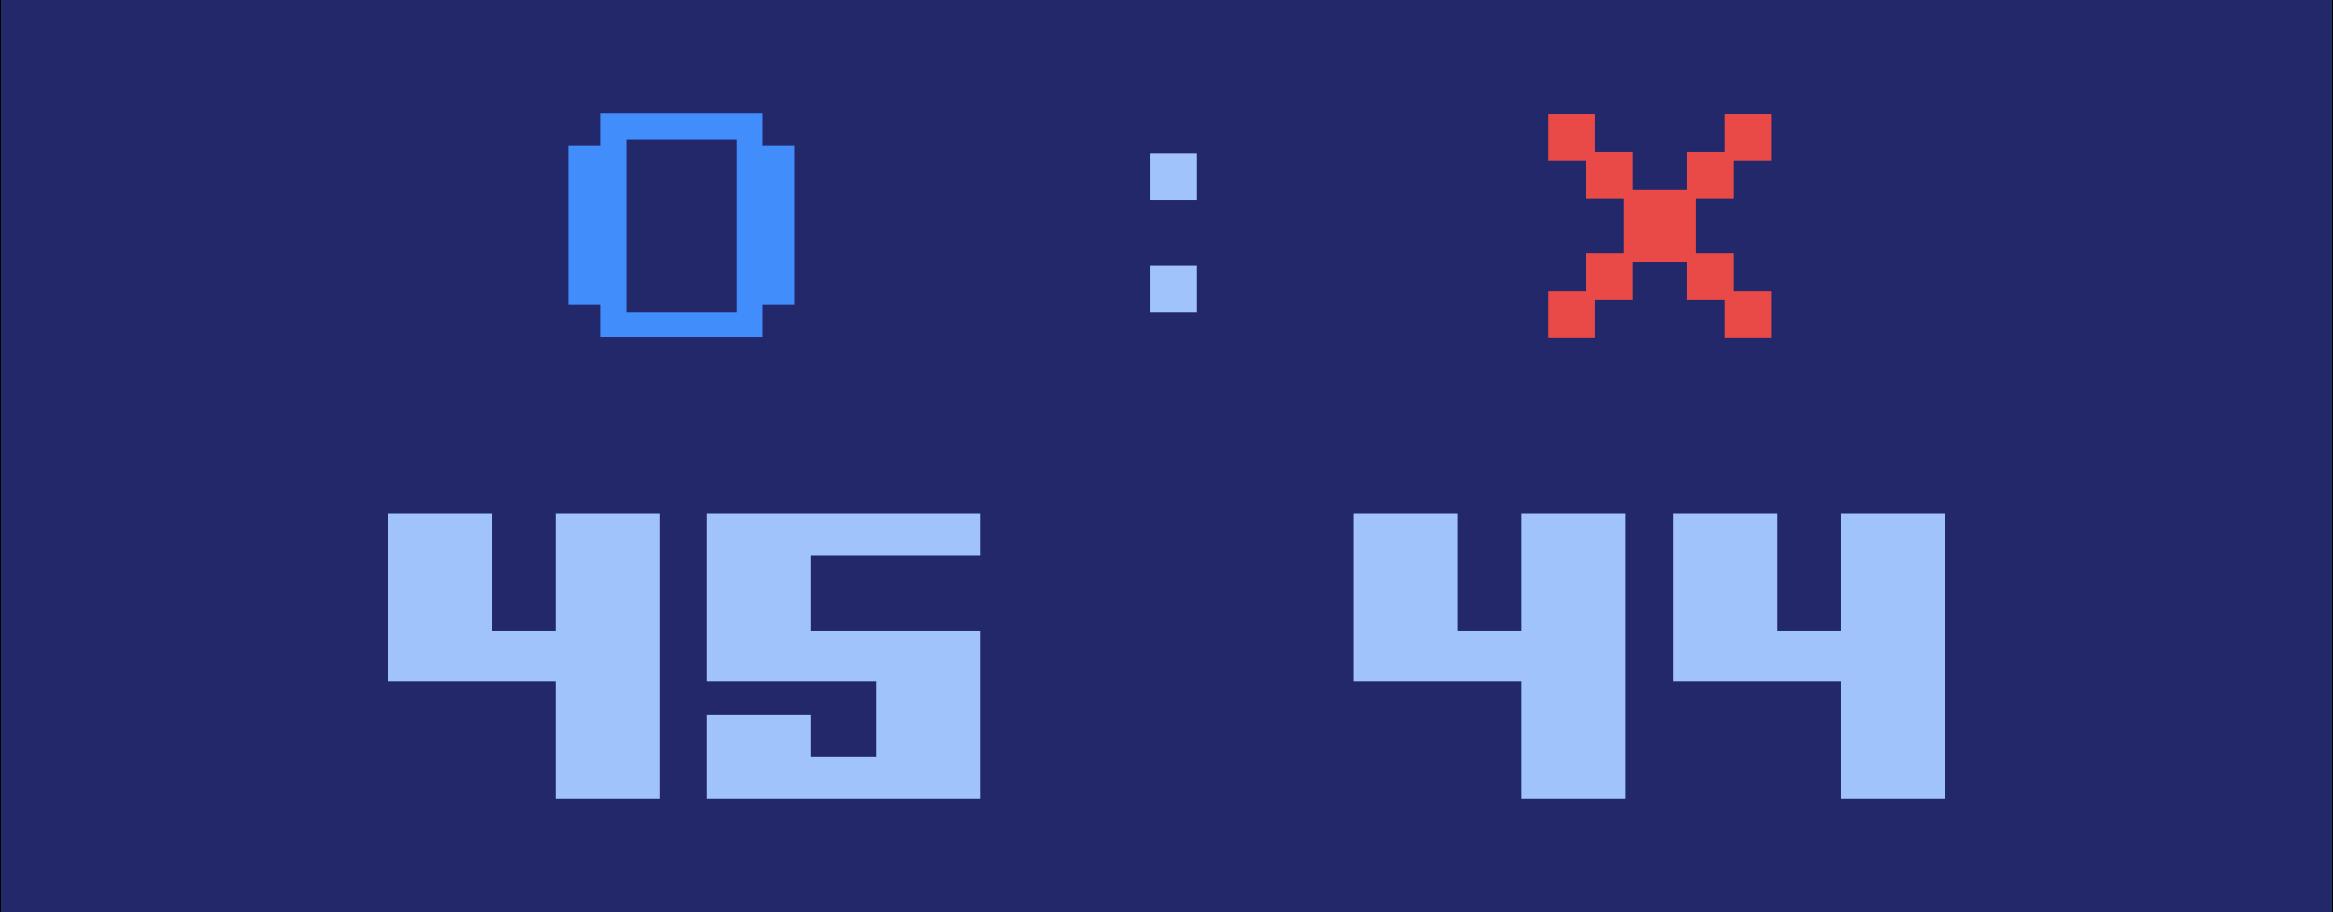 Imágenes vectoriales Marcador con puntos en PNG y SVG estilo  | Ilustraciones Icons8